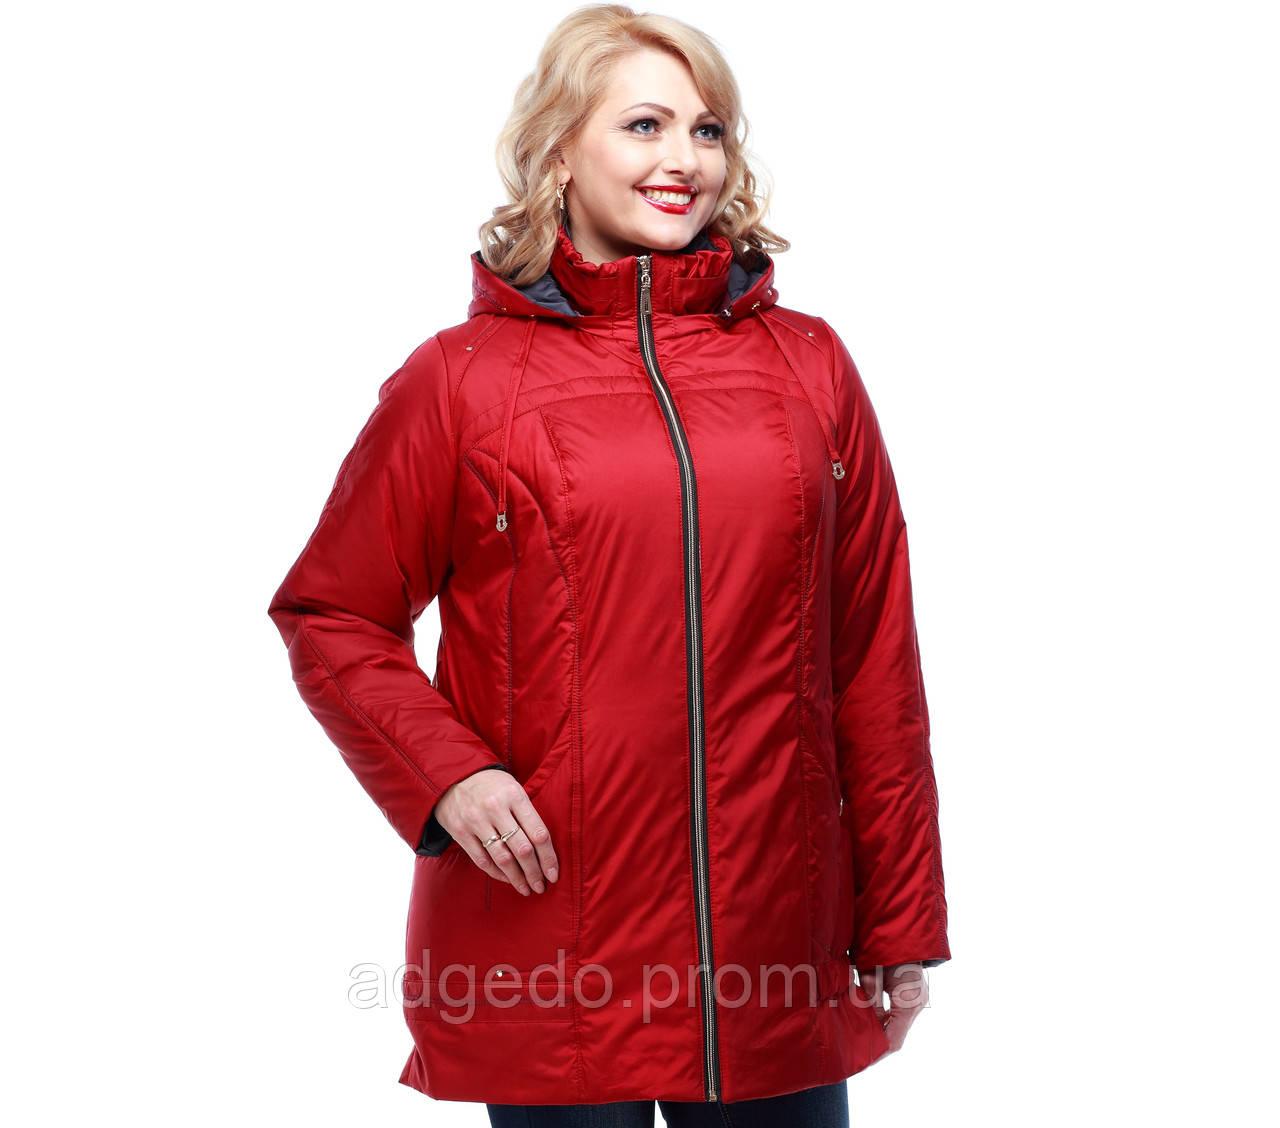 Купить Женскую Куртку Большого Размера В Новосибирске